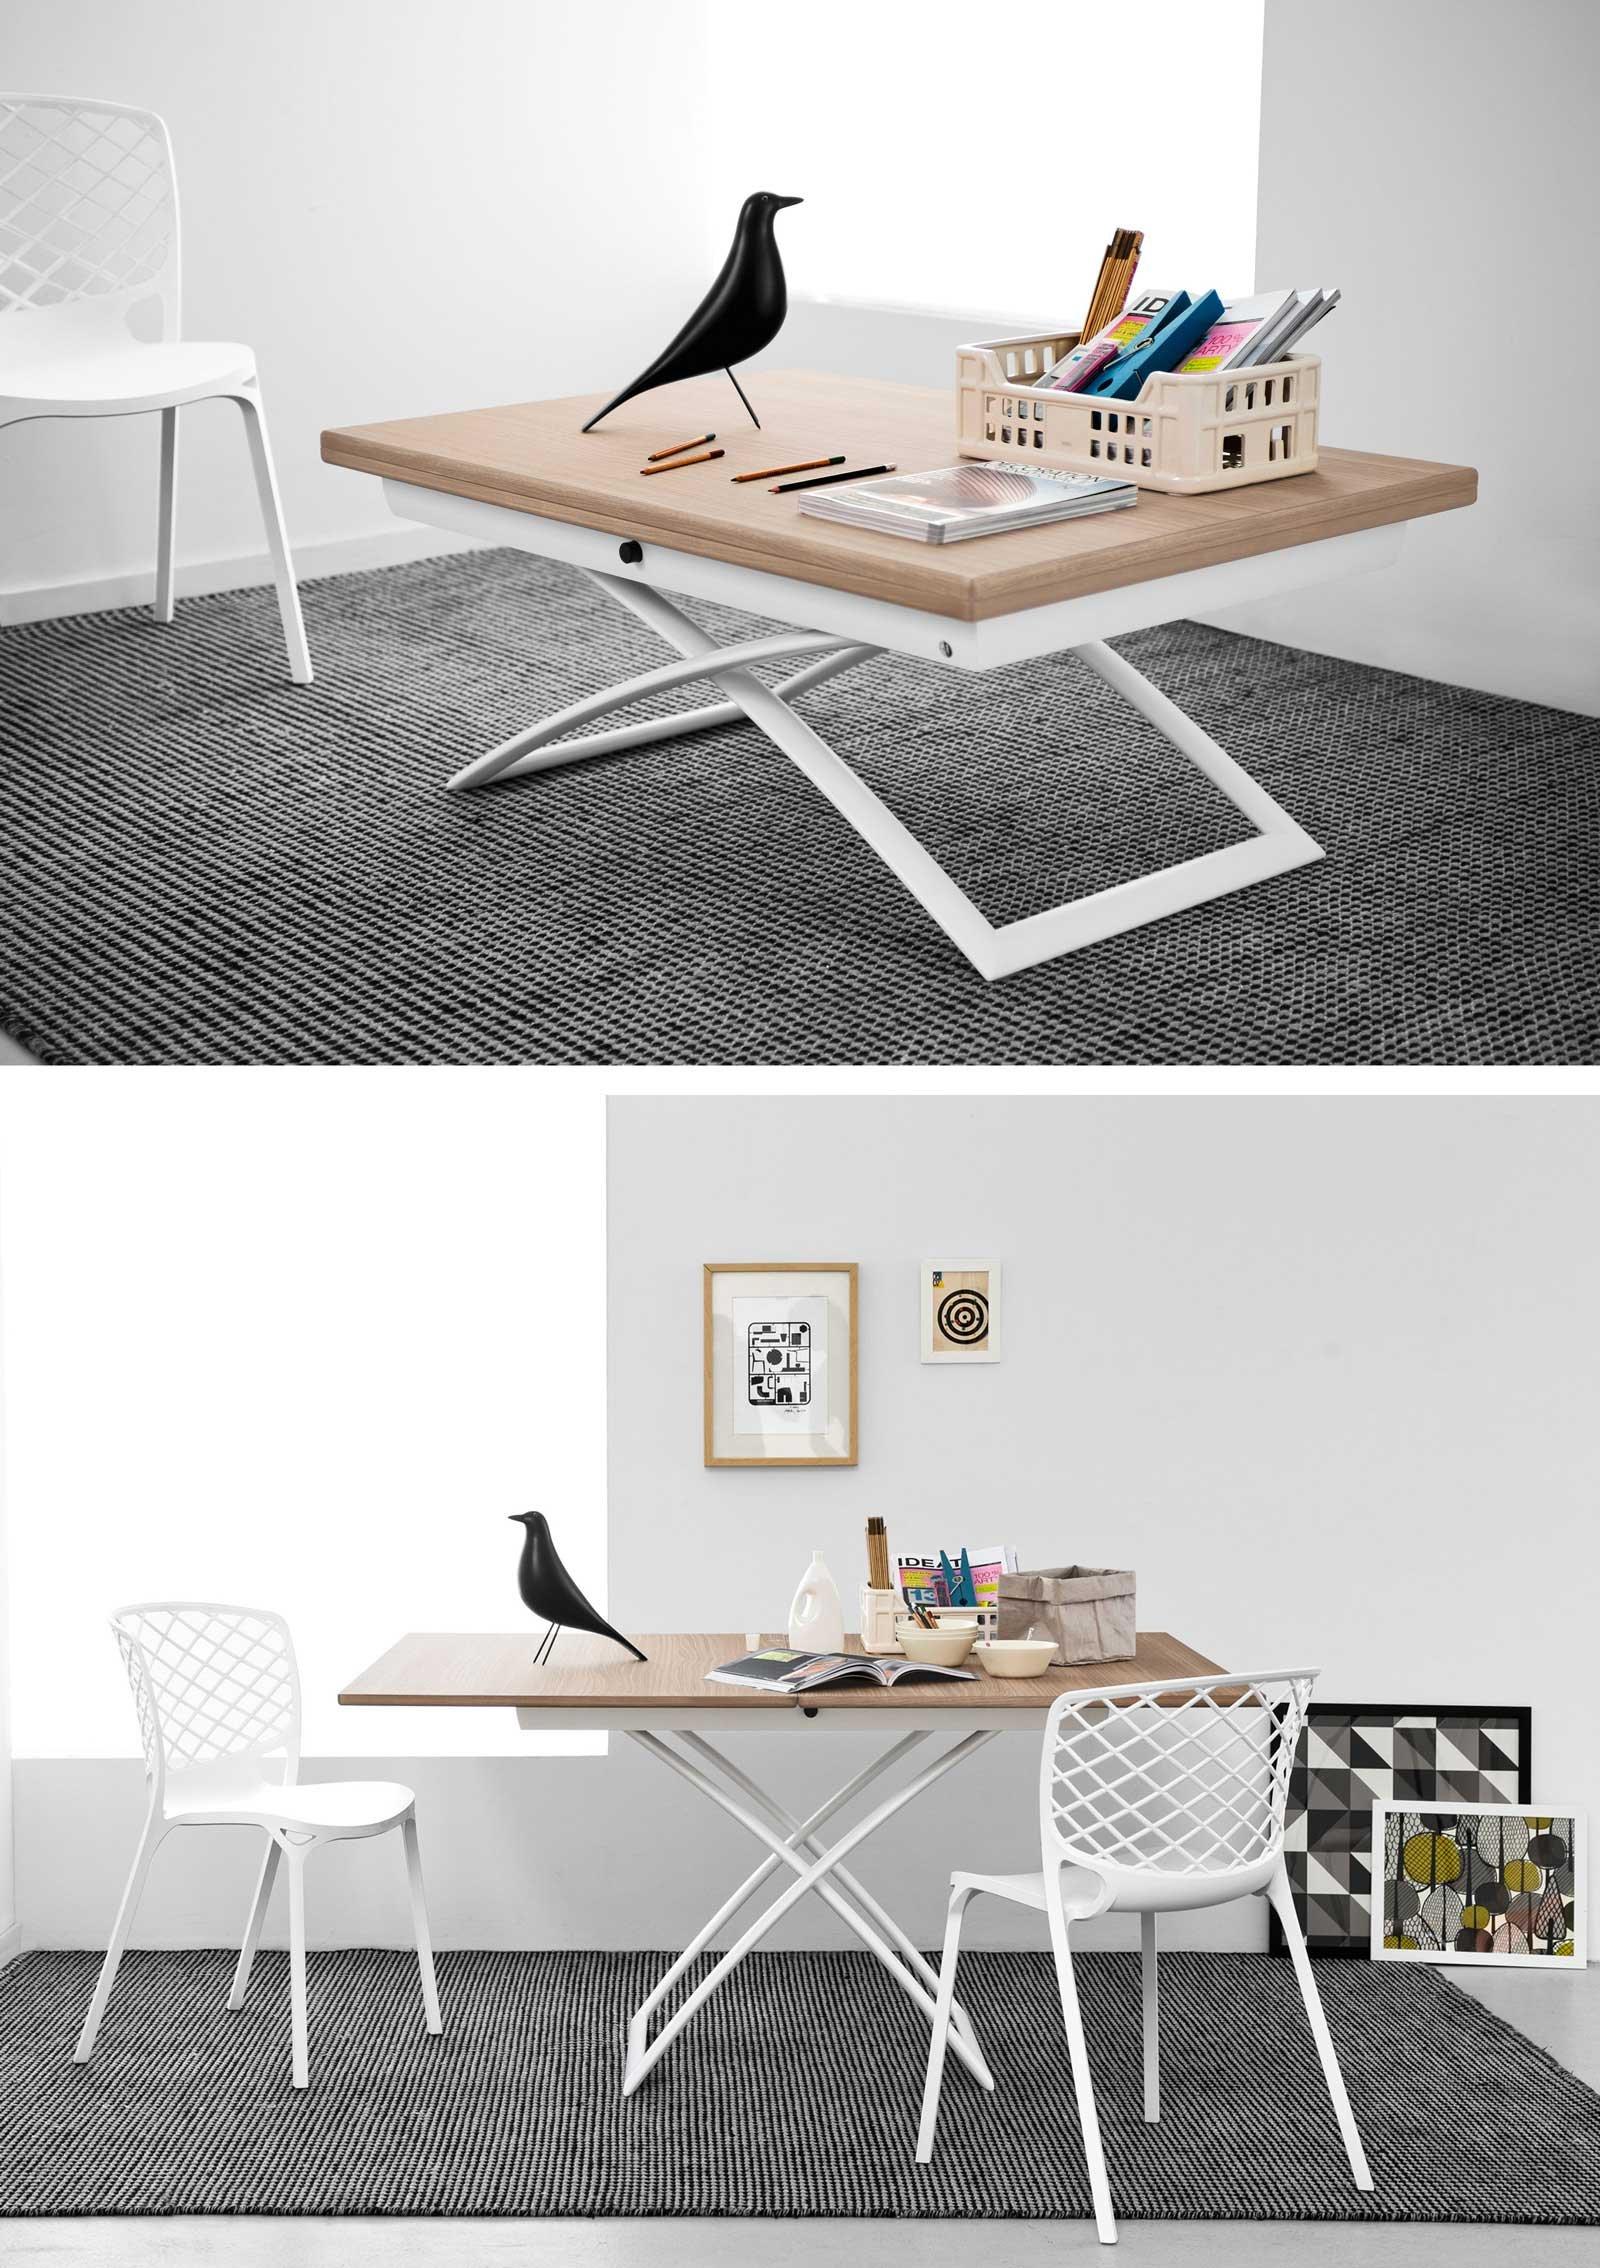 Albed Libreria Girevole Prezzo mobili salvaspazio trasformabili: due in uno - cose di casa